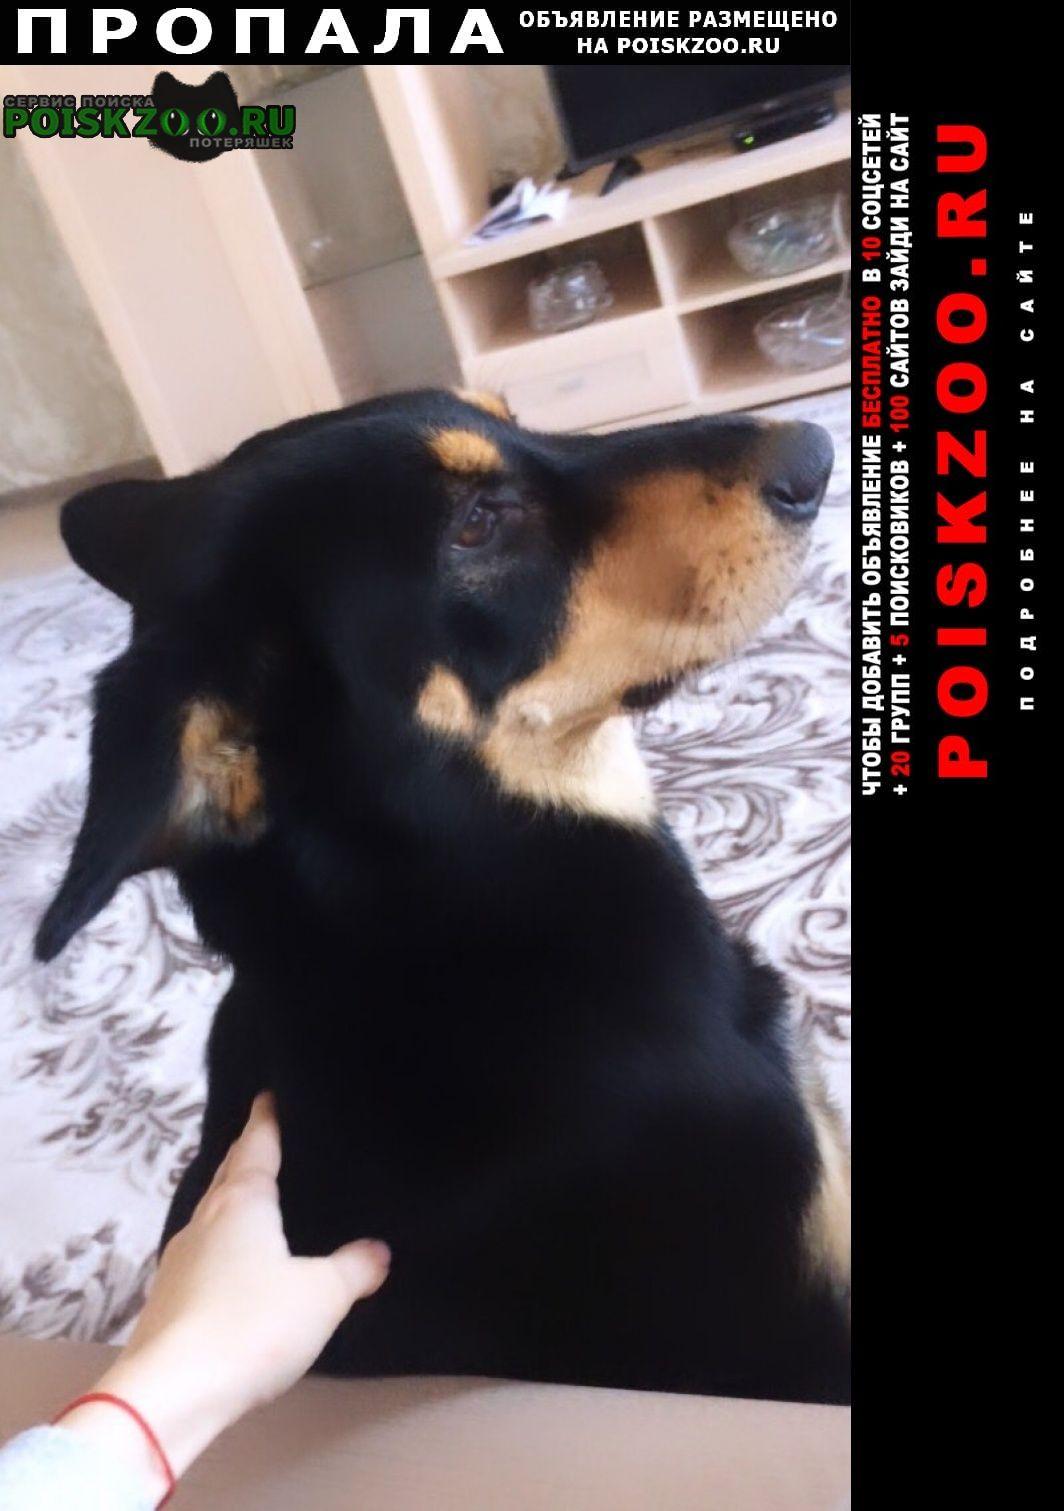 Пропала собака большая Таганрог